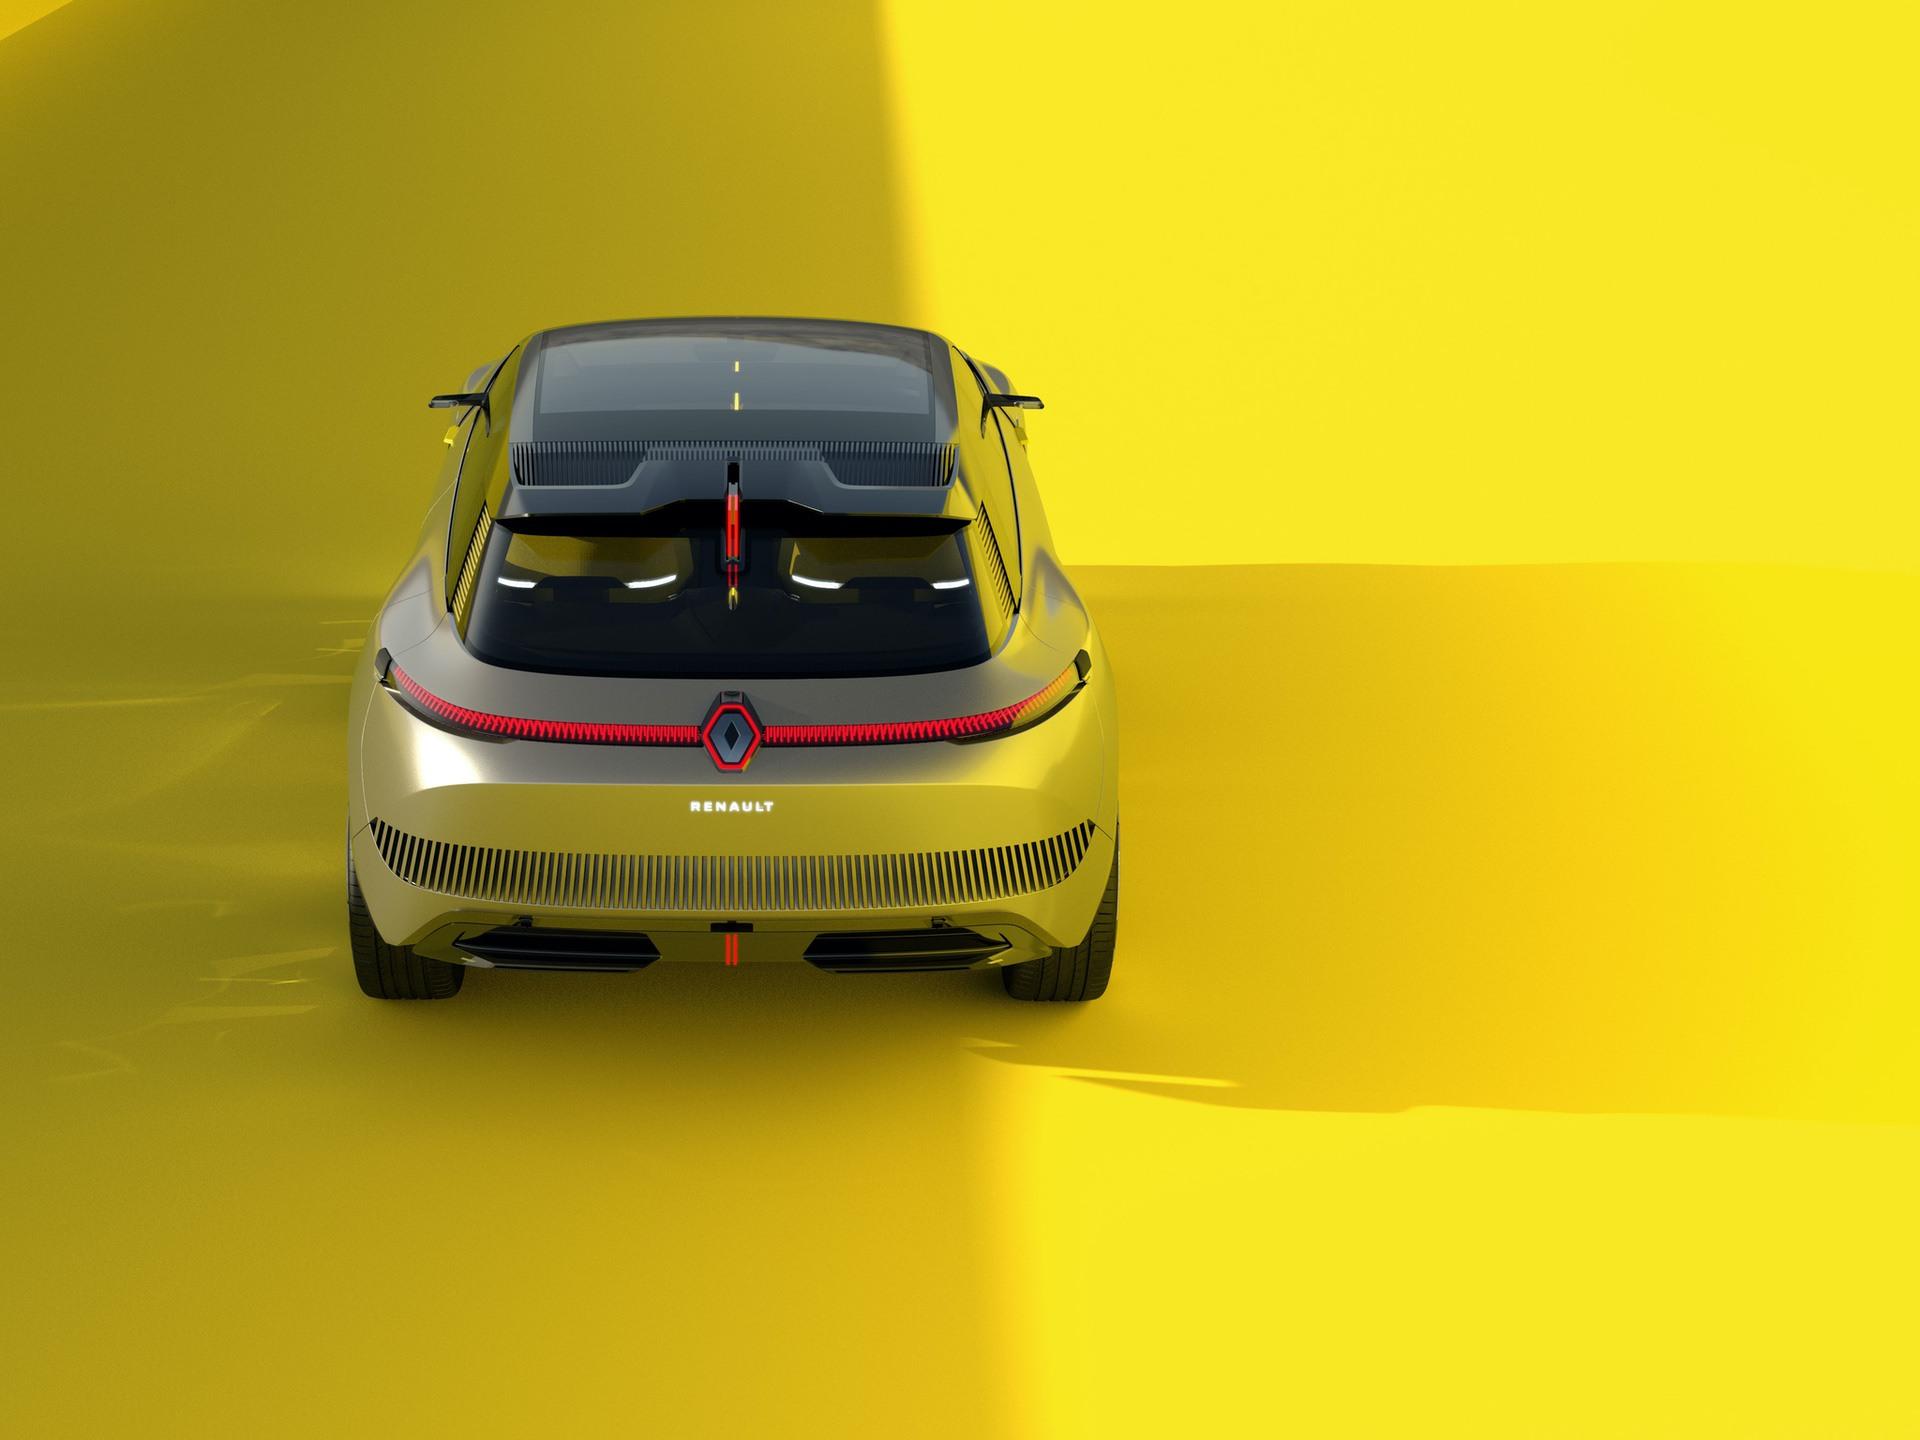 Renault_Morphoz_concept_0017